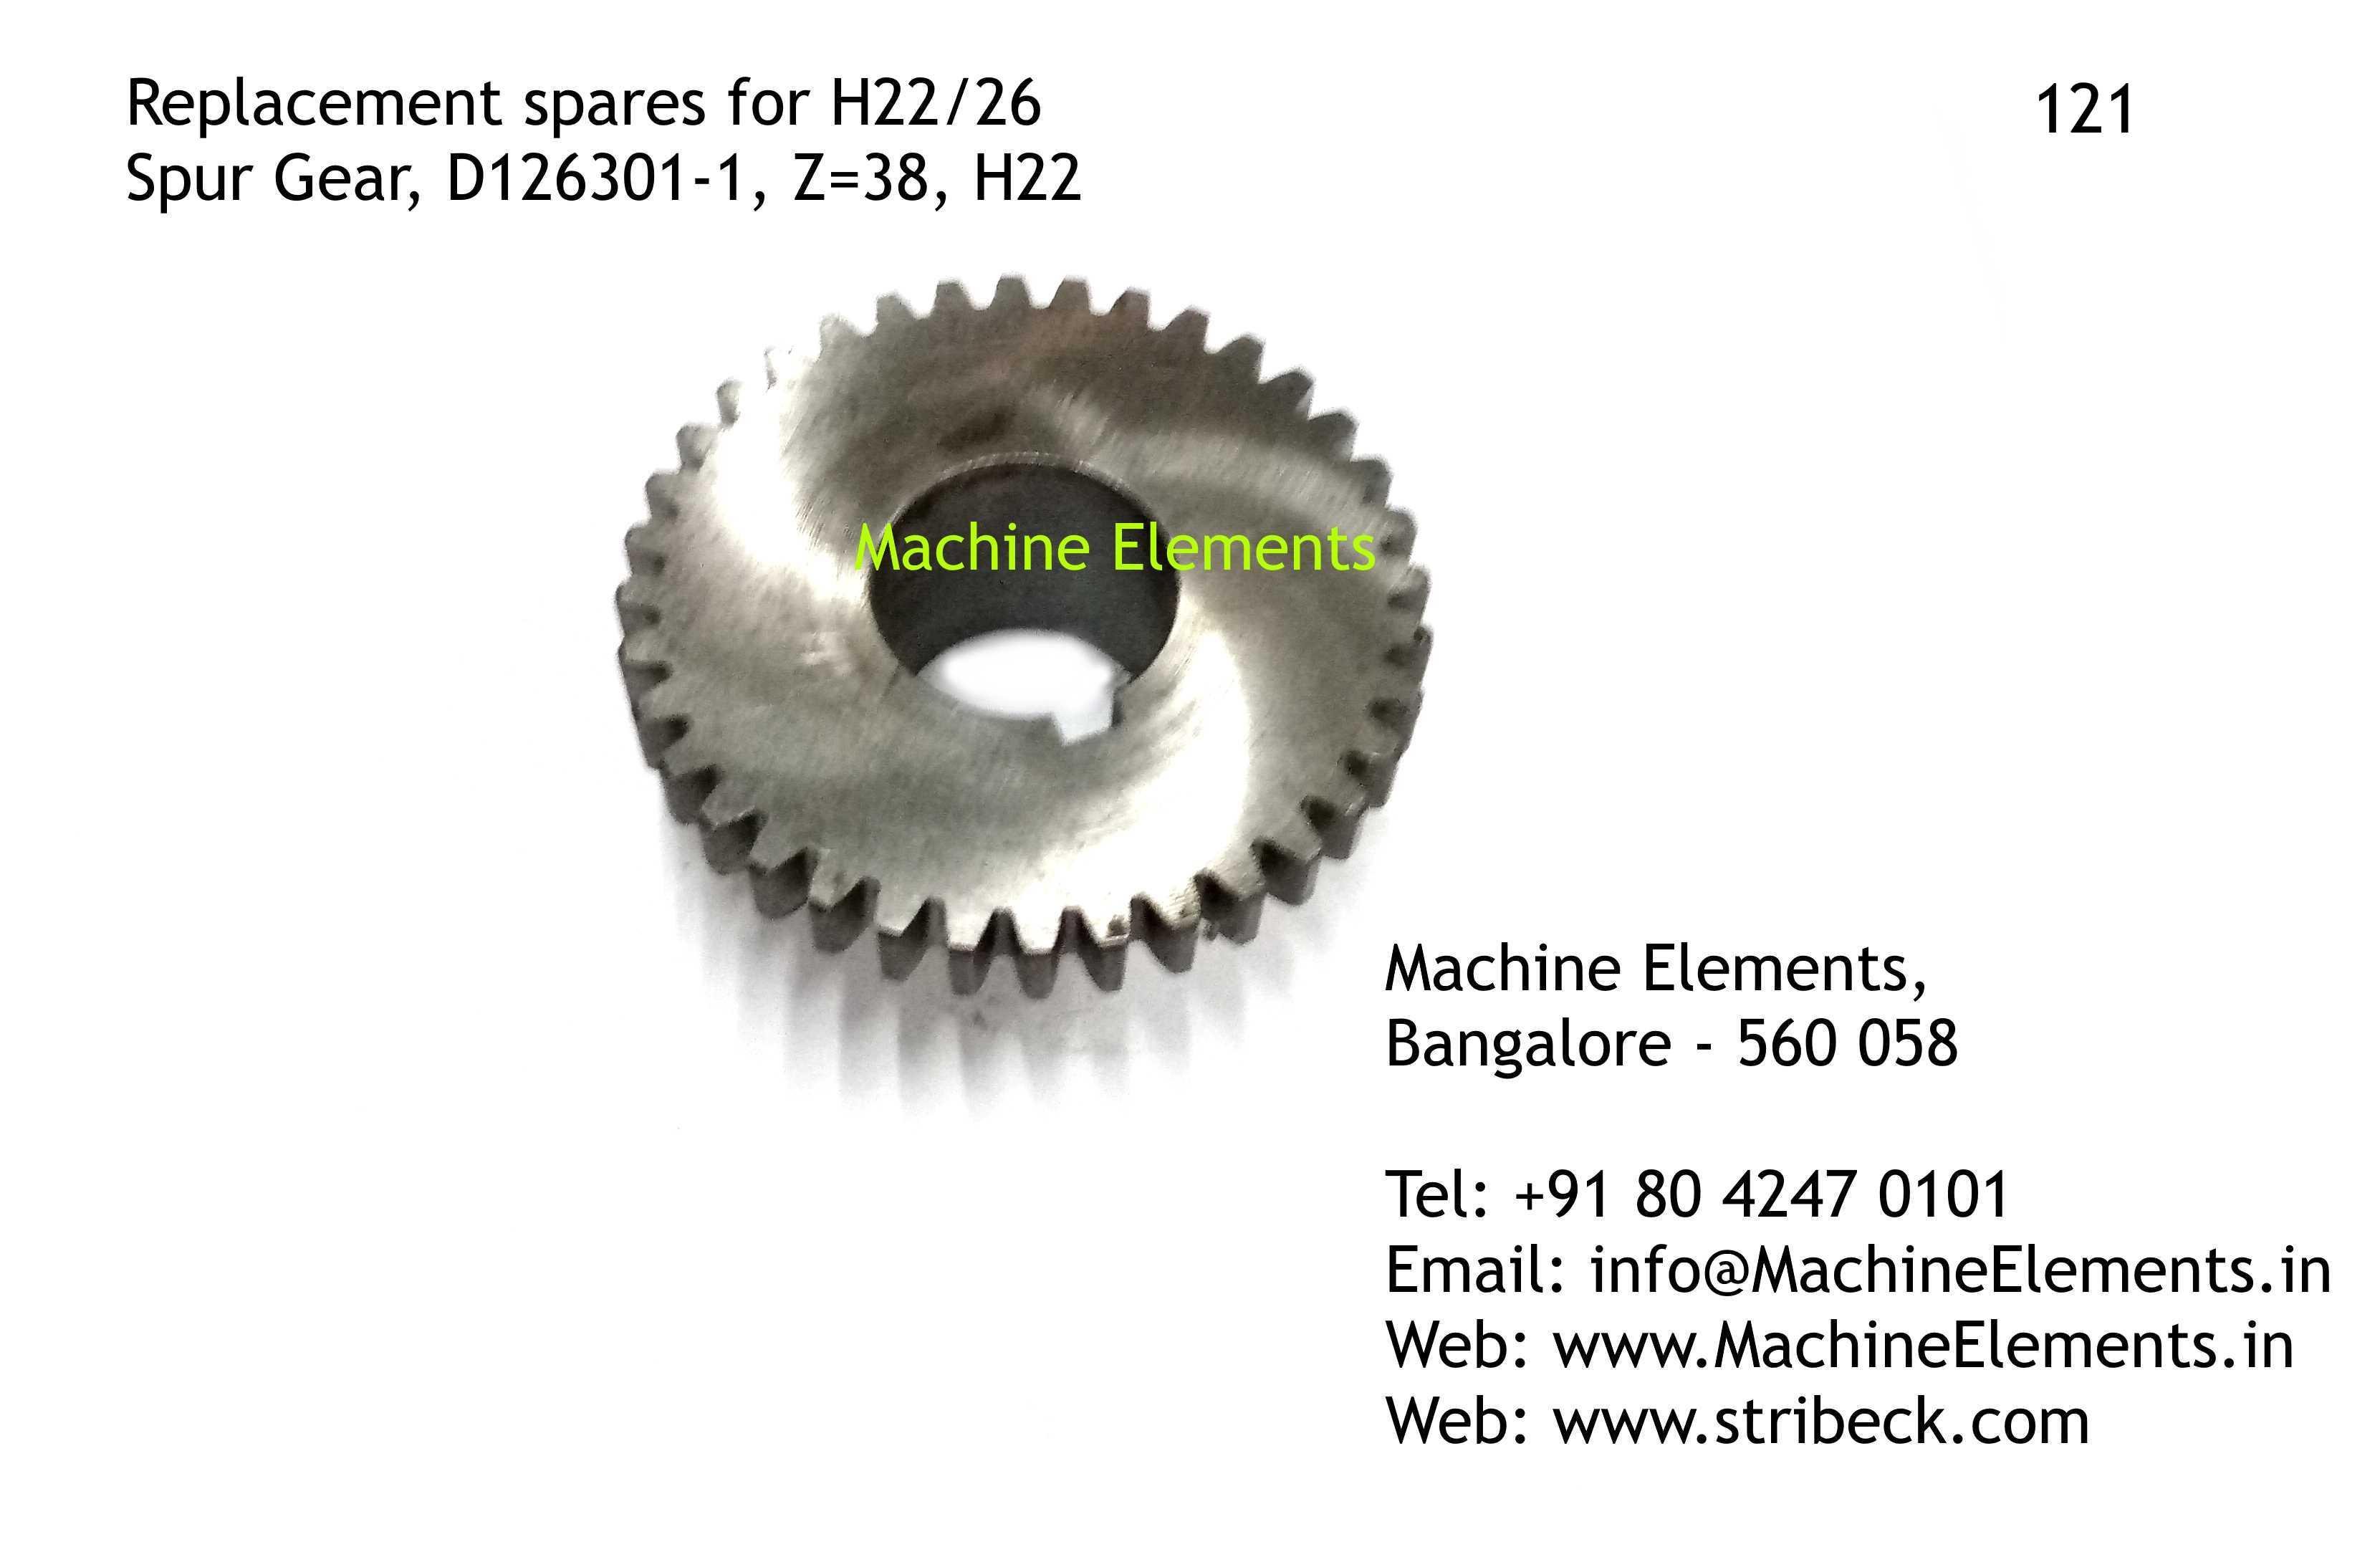 Spur Gear D126301-1, Z=38